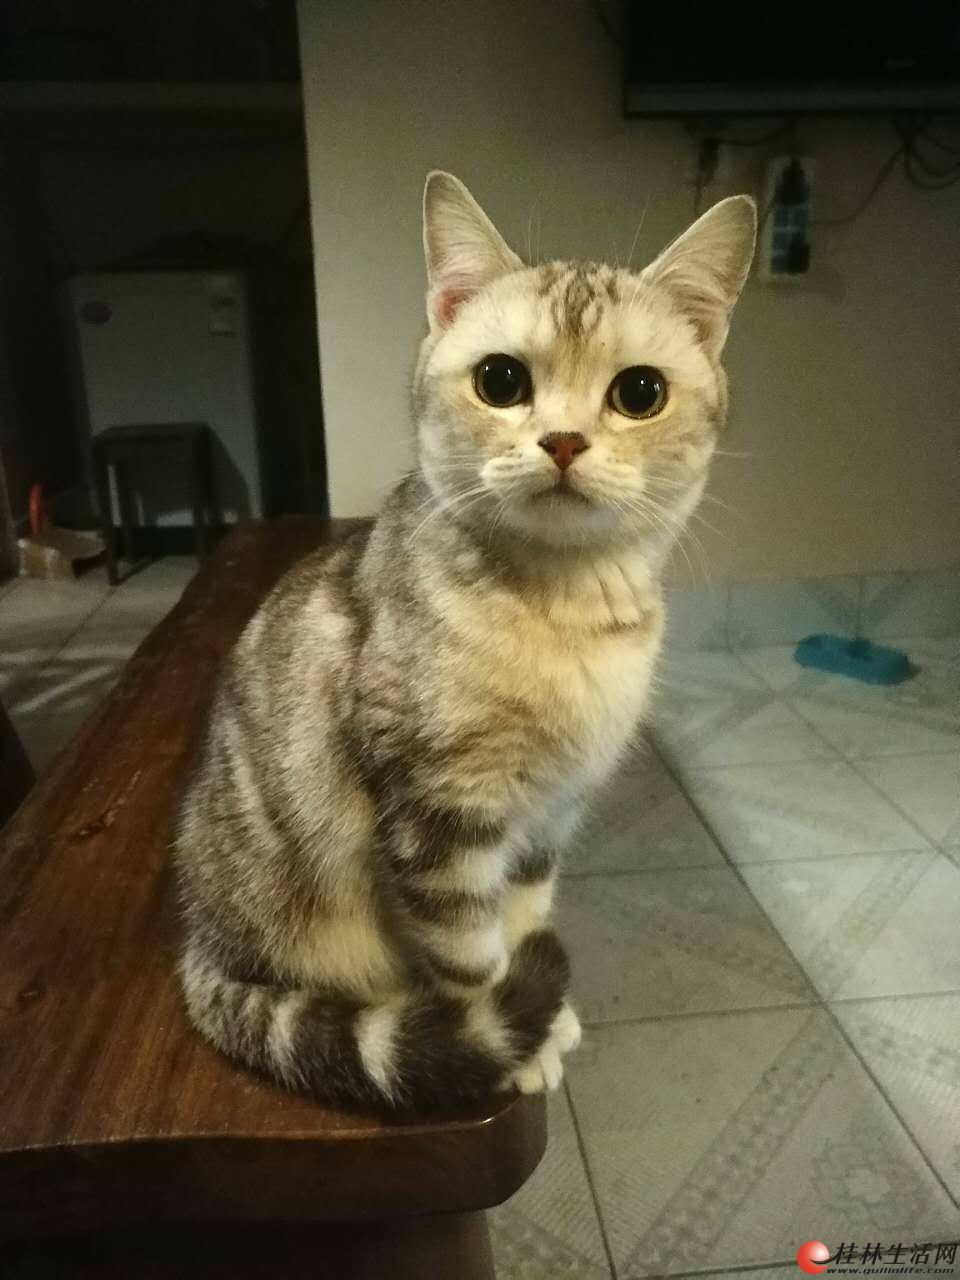 咖啡色虎斑美国短毛猫